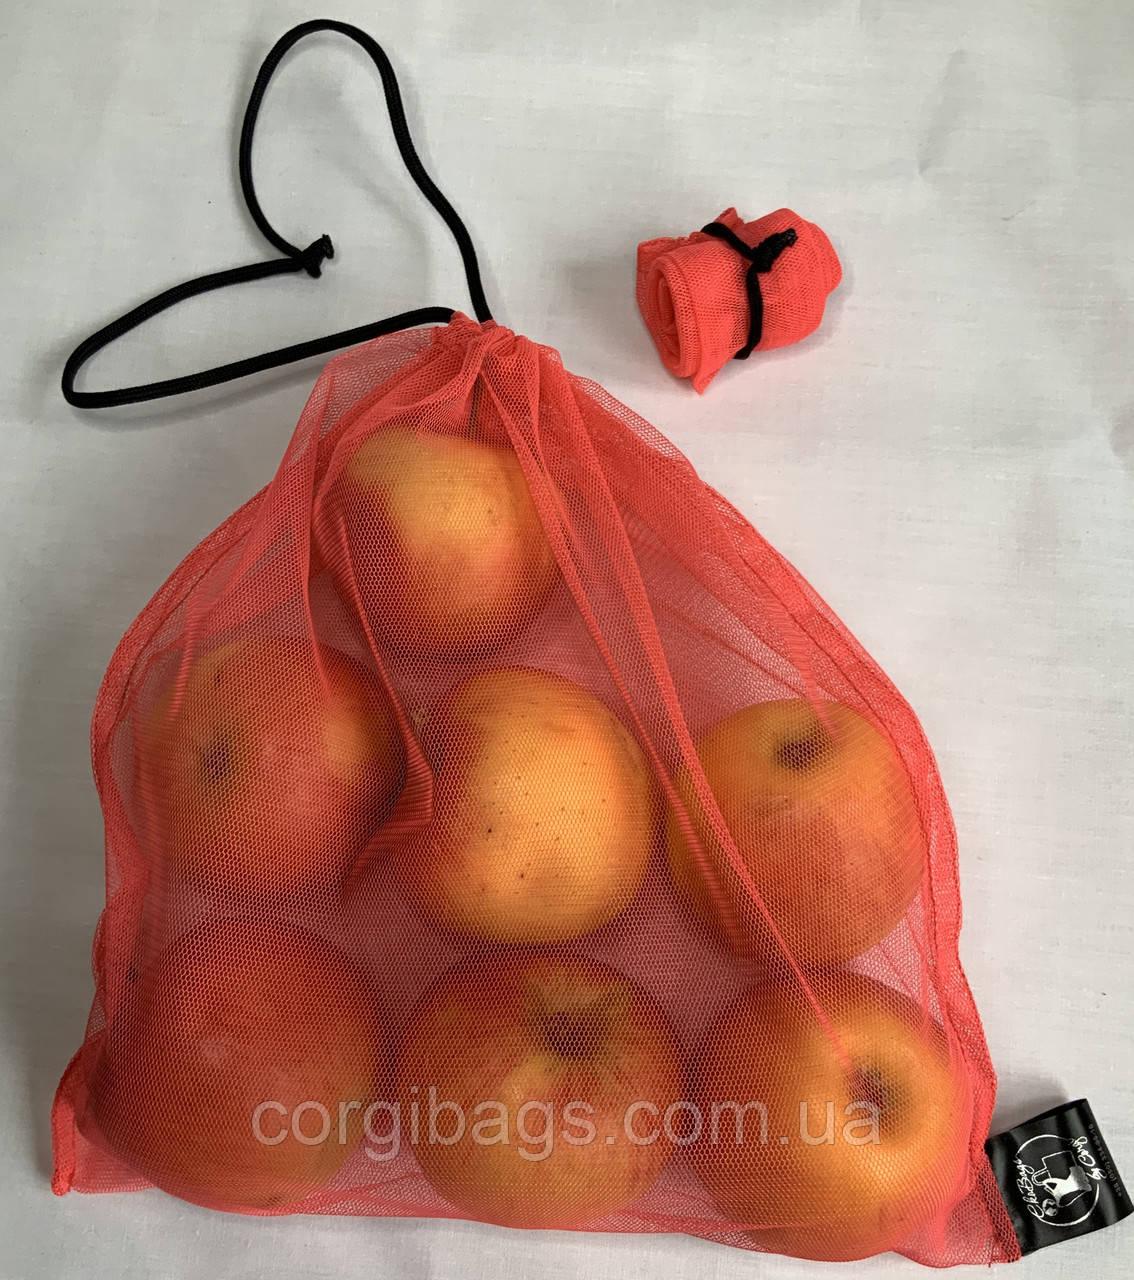 Экомешочки для продуктов, многоразовые мешочки из сетки, размер М (27х30), кораллово-красный